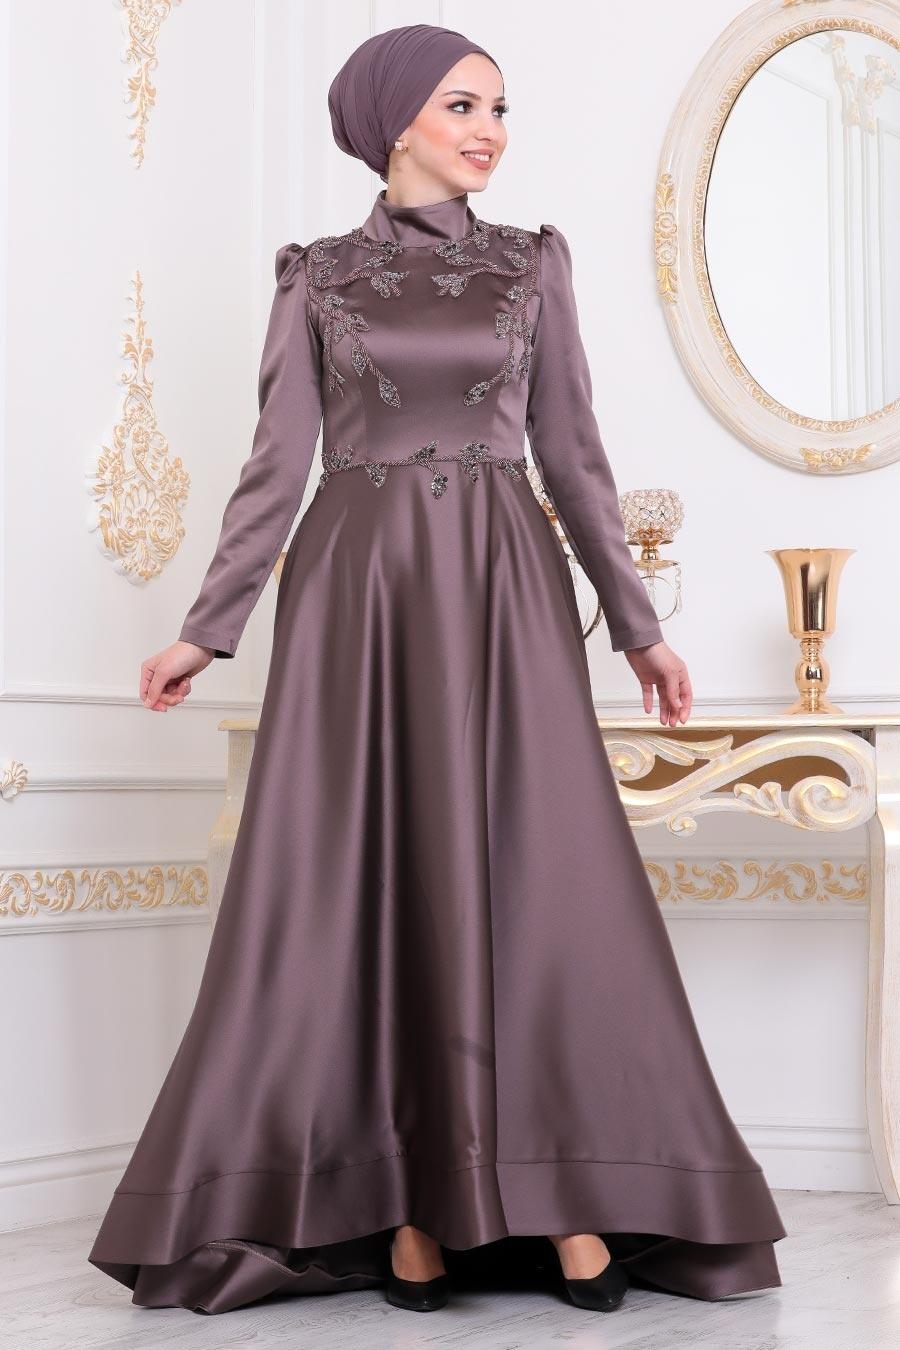 Tesettürlü Abiye Elbise - Dantelli Kahverengi Tesettür Abiye Elbise 41172KH